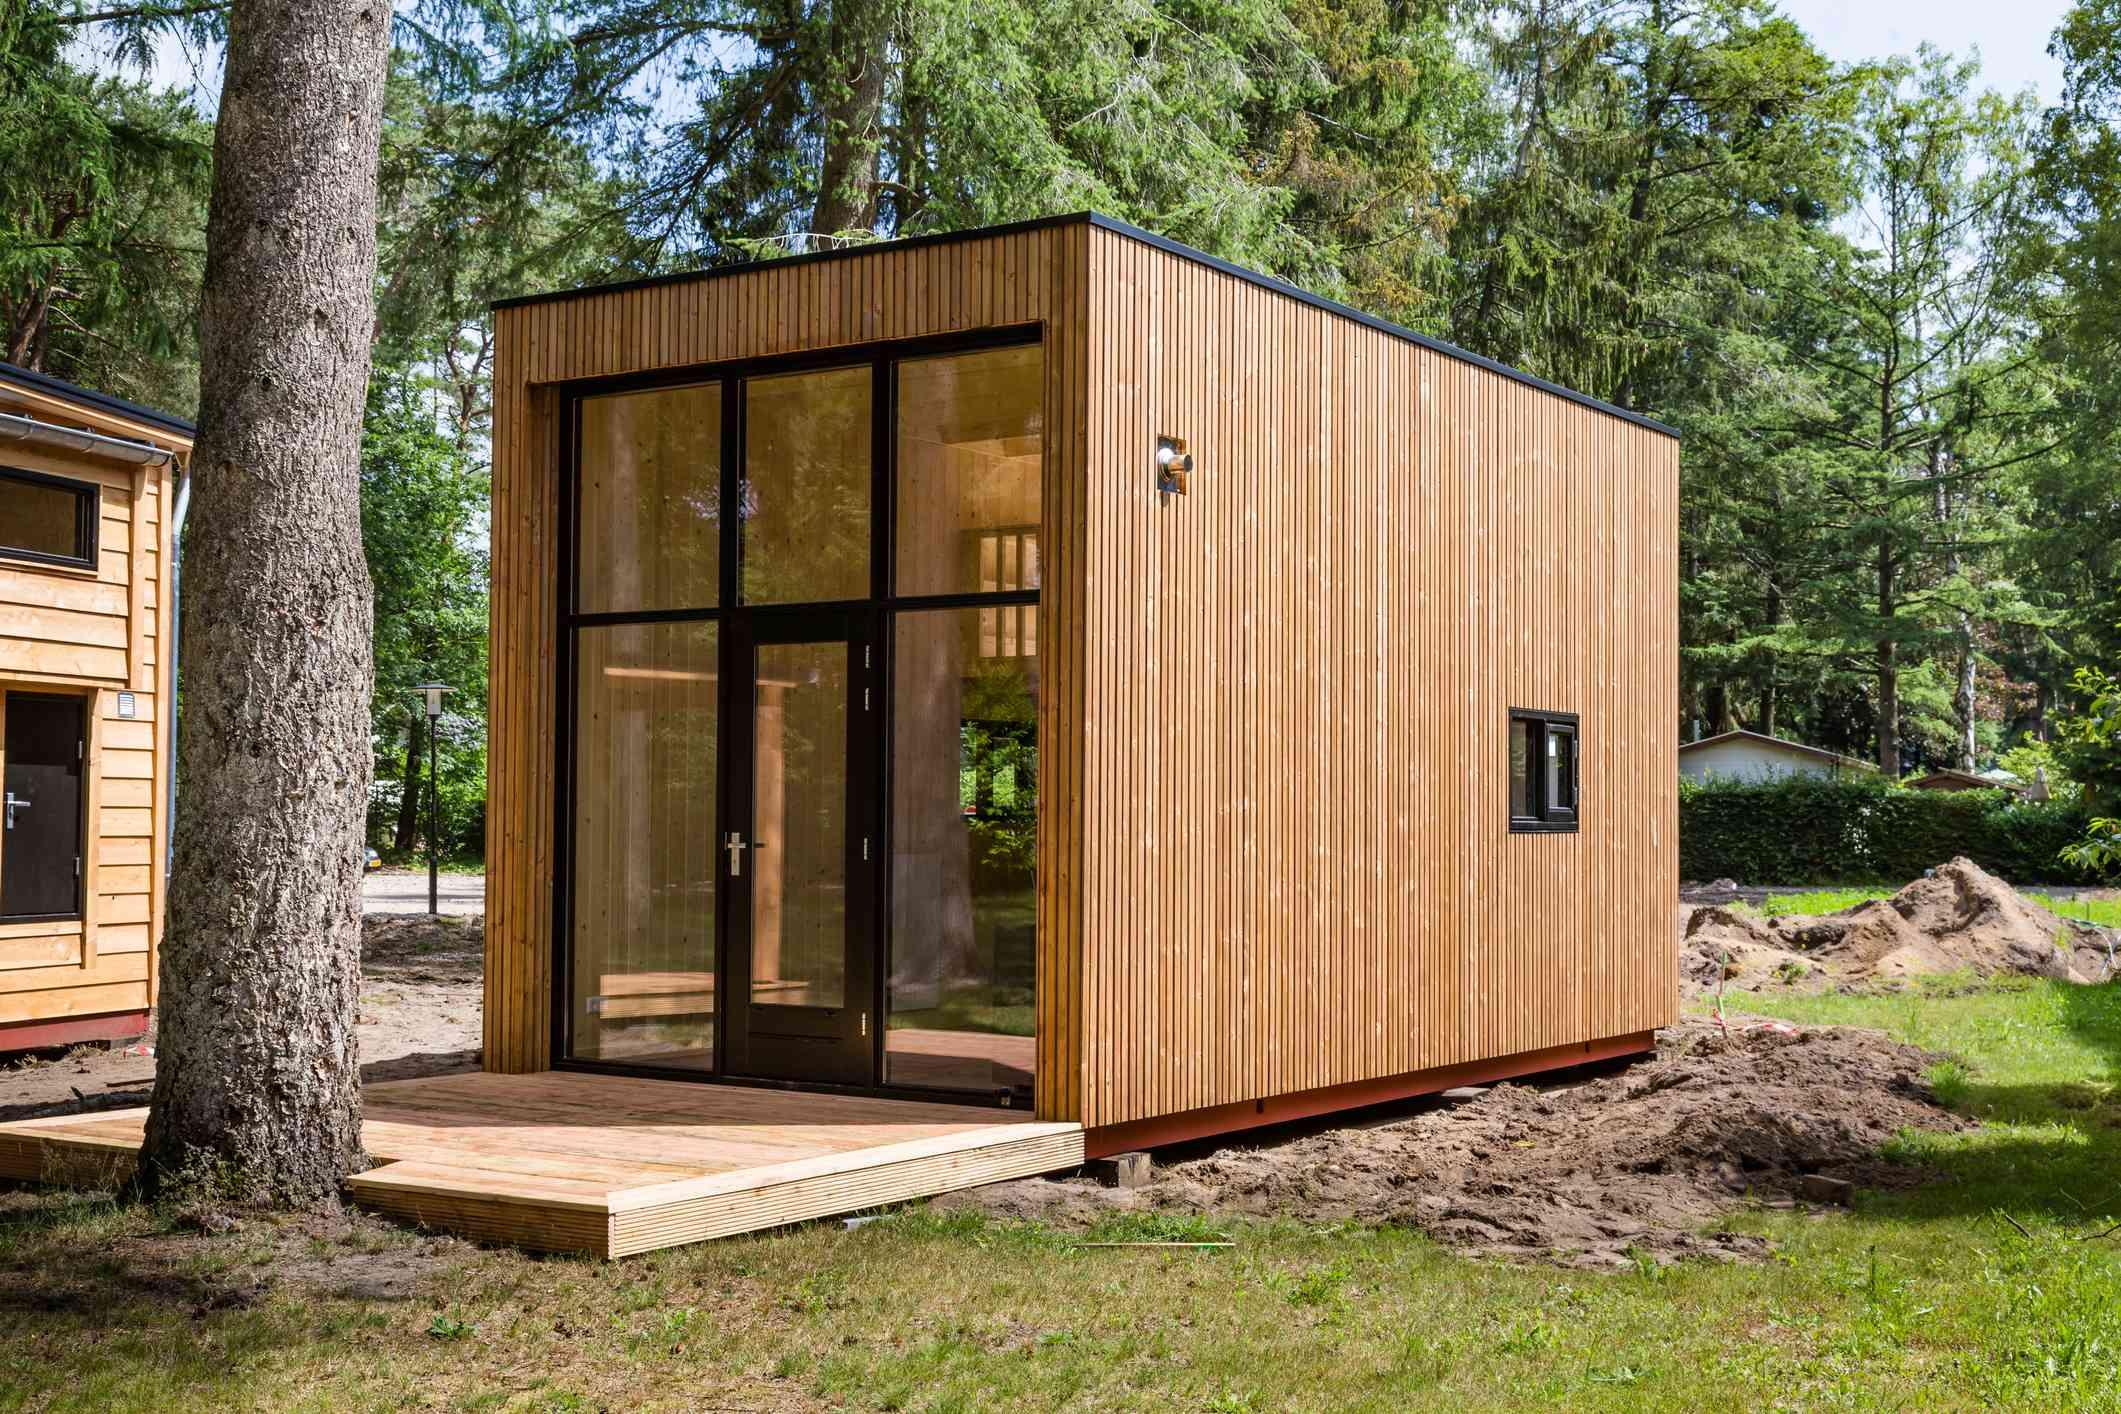 Dutch wooden tiny house.